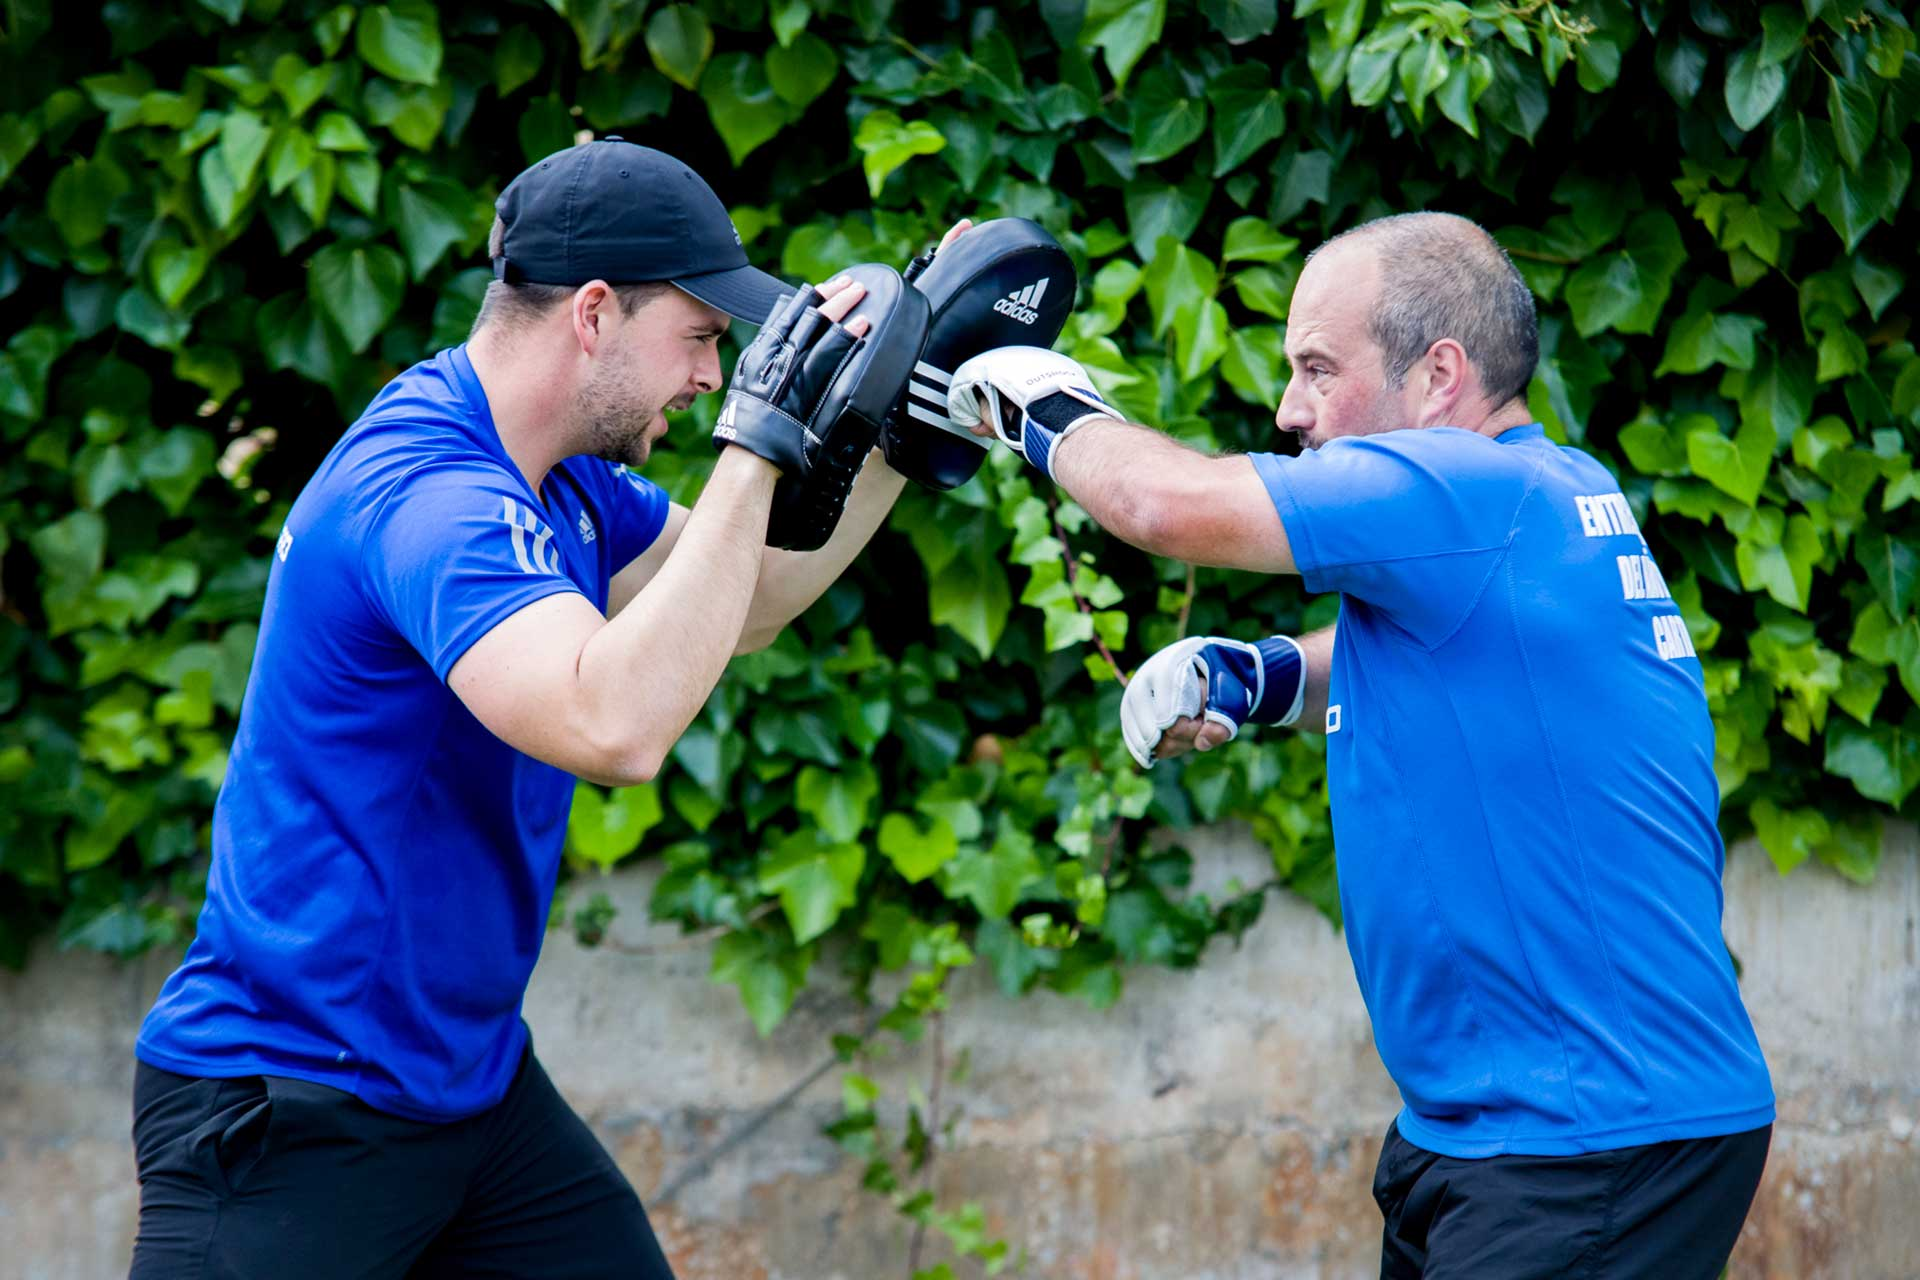 Trainers Marcos entrenamiento 4